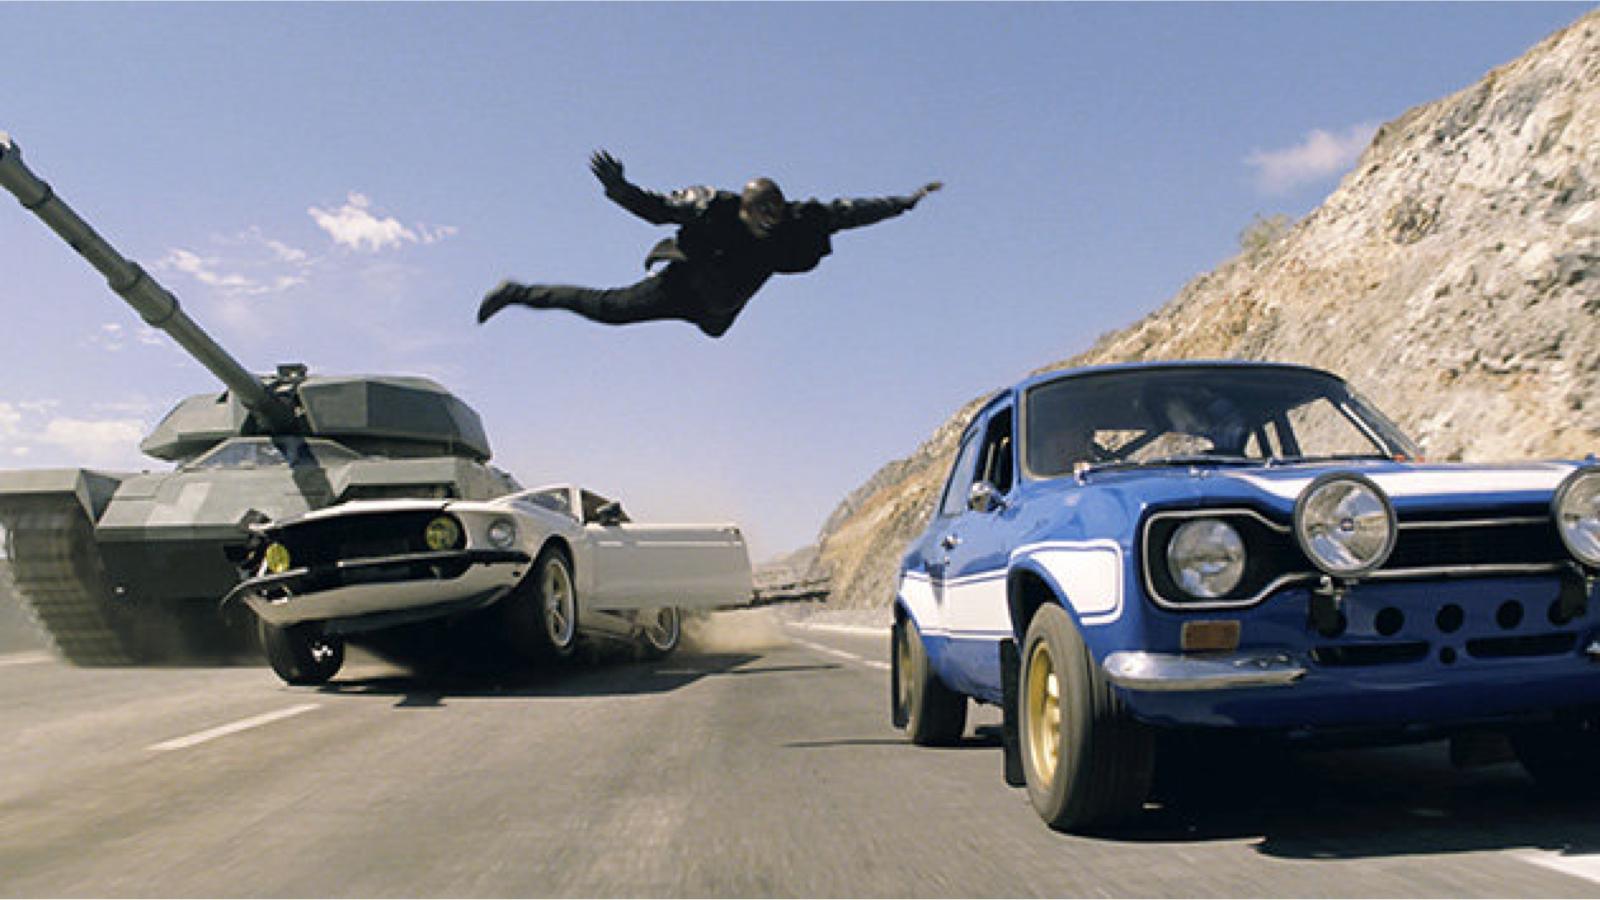 ff6-jump